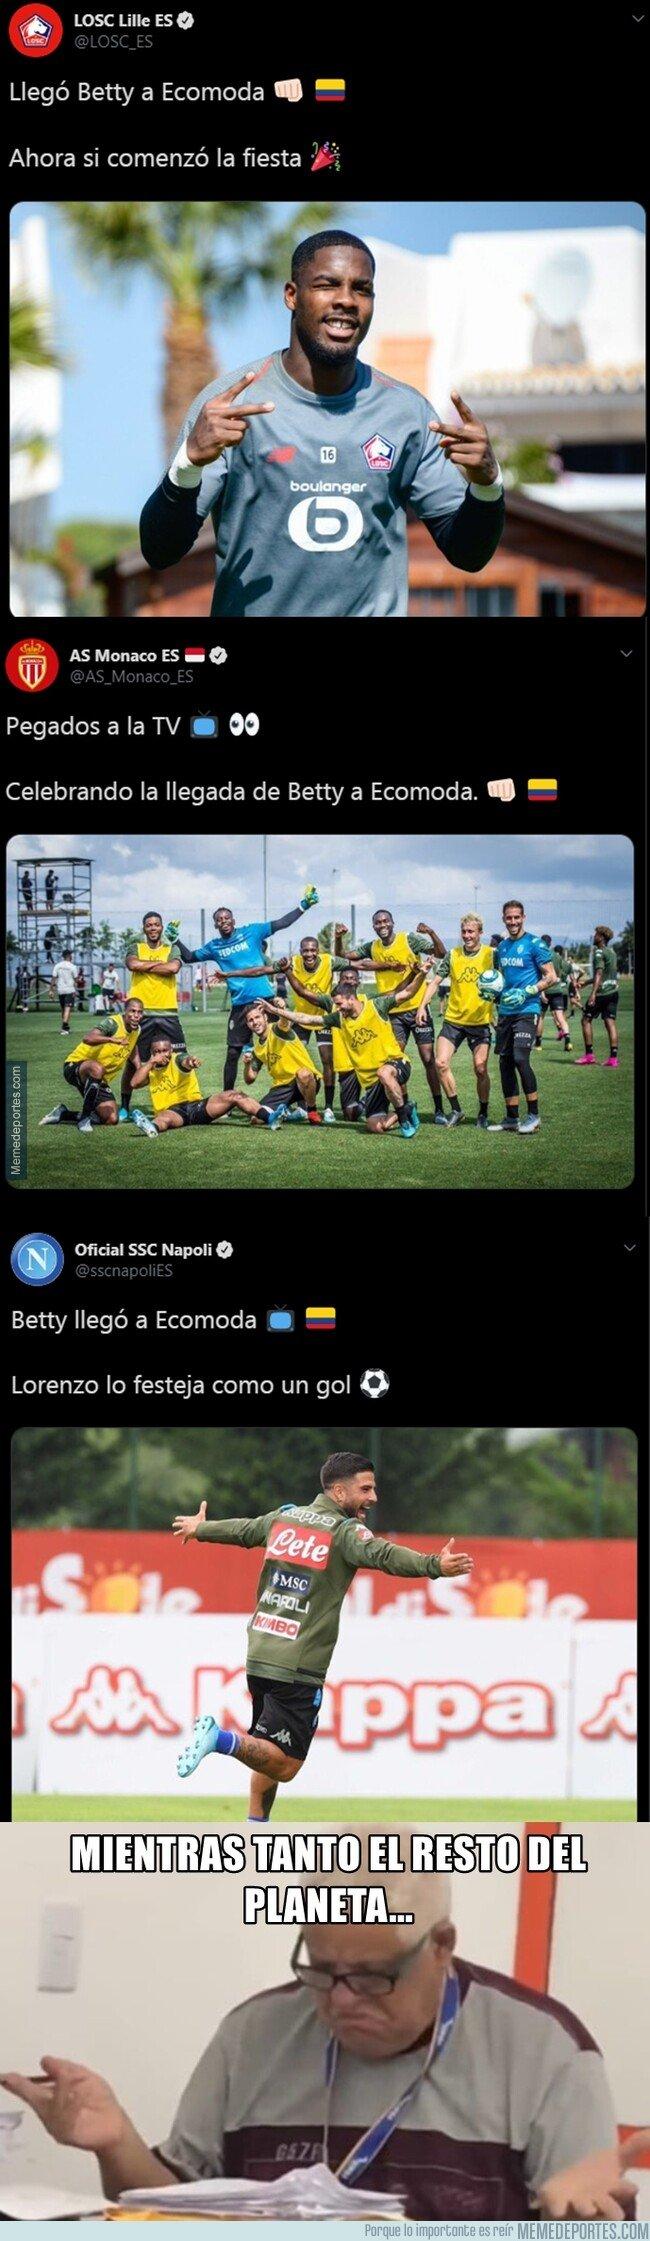 1082623 - ¿Por qué algunas cuentas en español de algunos equipos europeos están tan excitados con Betty?